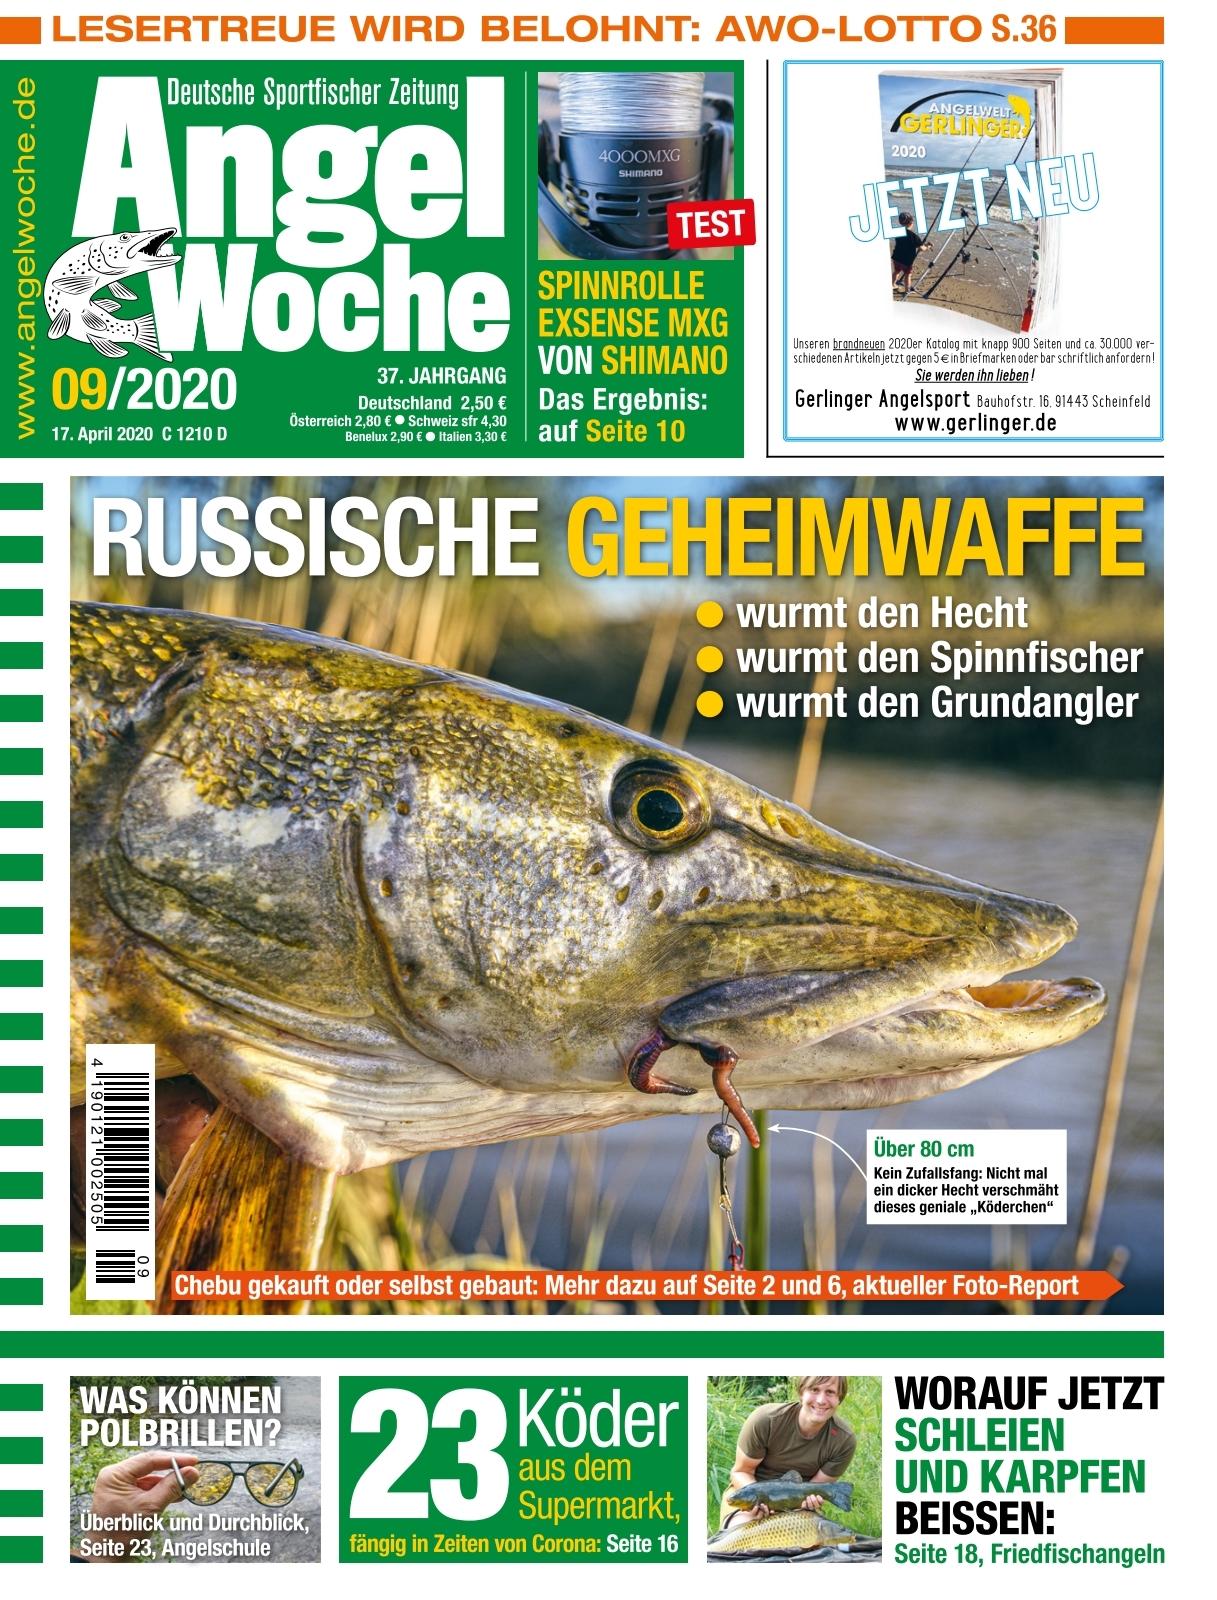 10 Stk angeln haken Gr #2//0 4,2cm  Raubfisch Angelhaken Zander Barsch Hecht